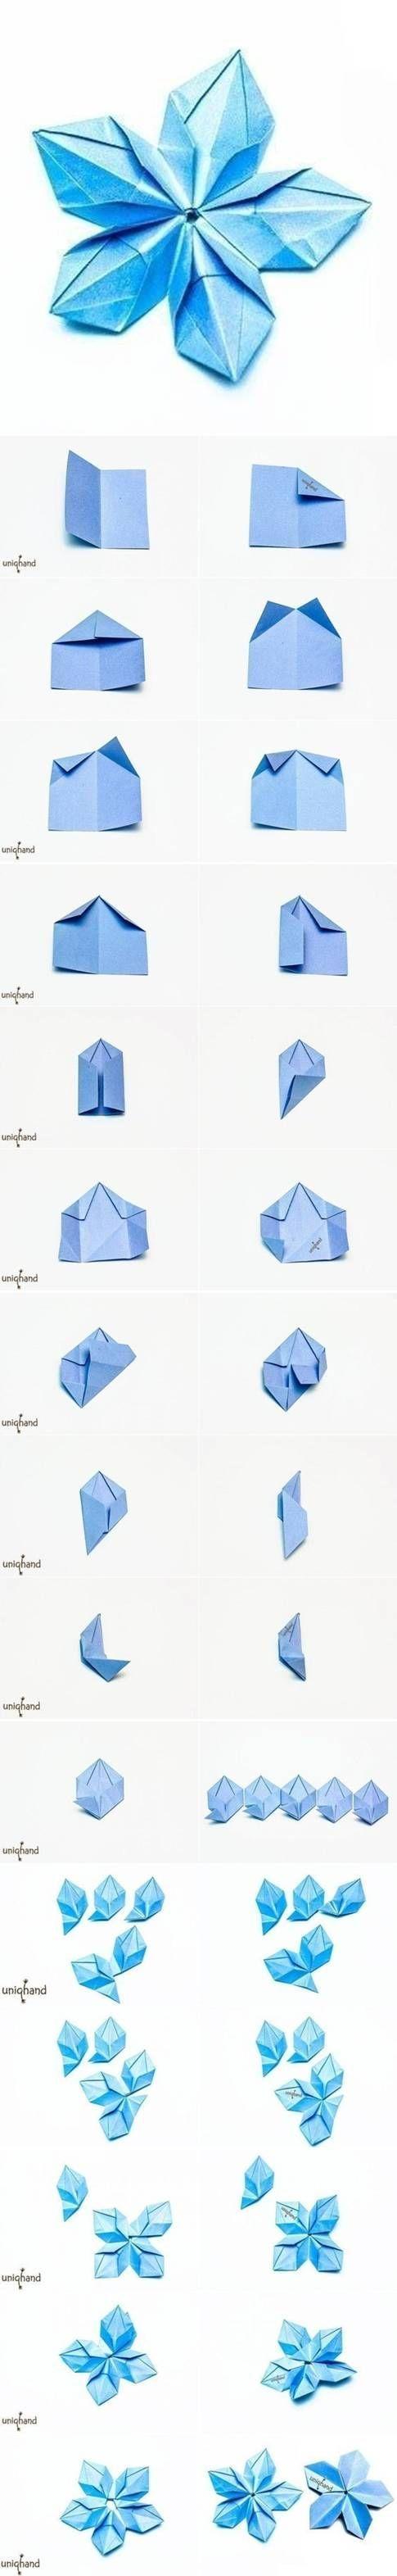 Origami Modular Rose Mandala Instructions / Origami Instruction on imgfave